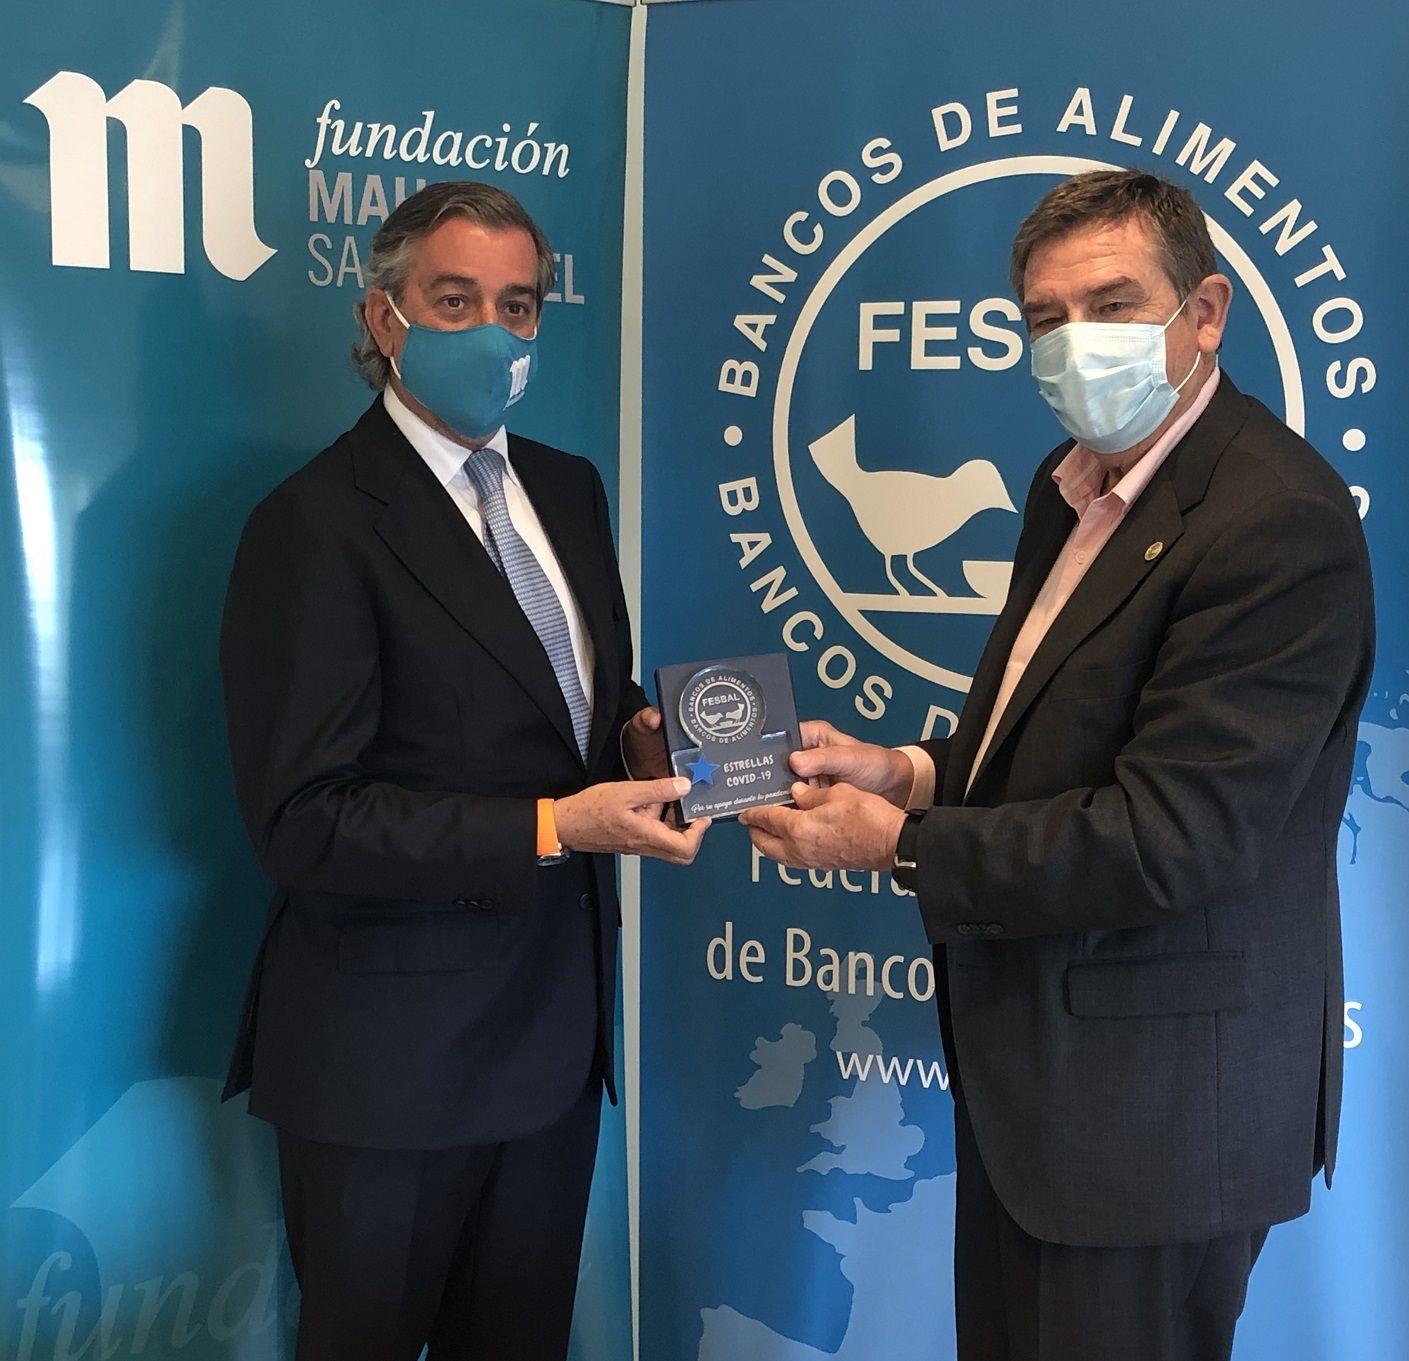 """Fundación Mahou San Miguel recibe el reconocimiento """"Premios Estrellas"""" FESBAL"""